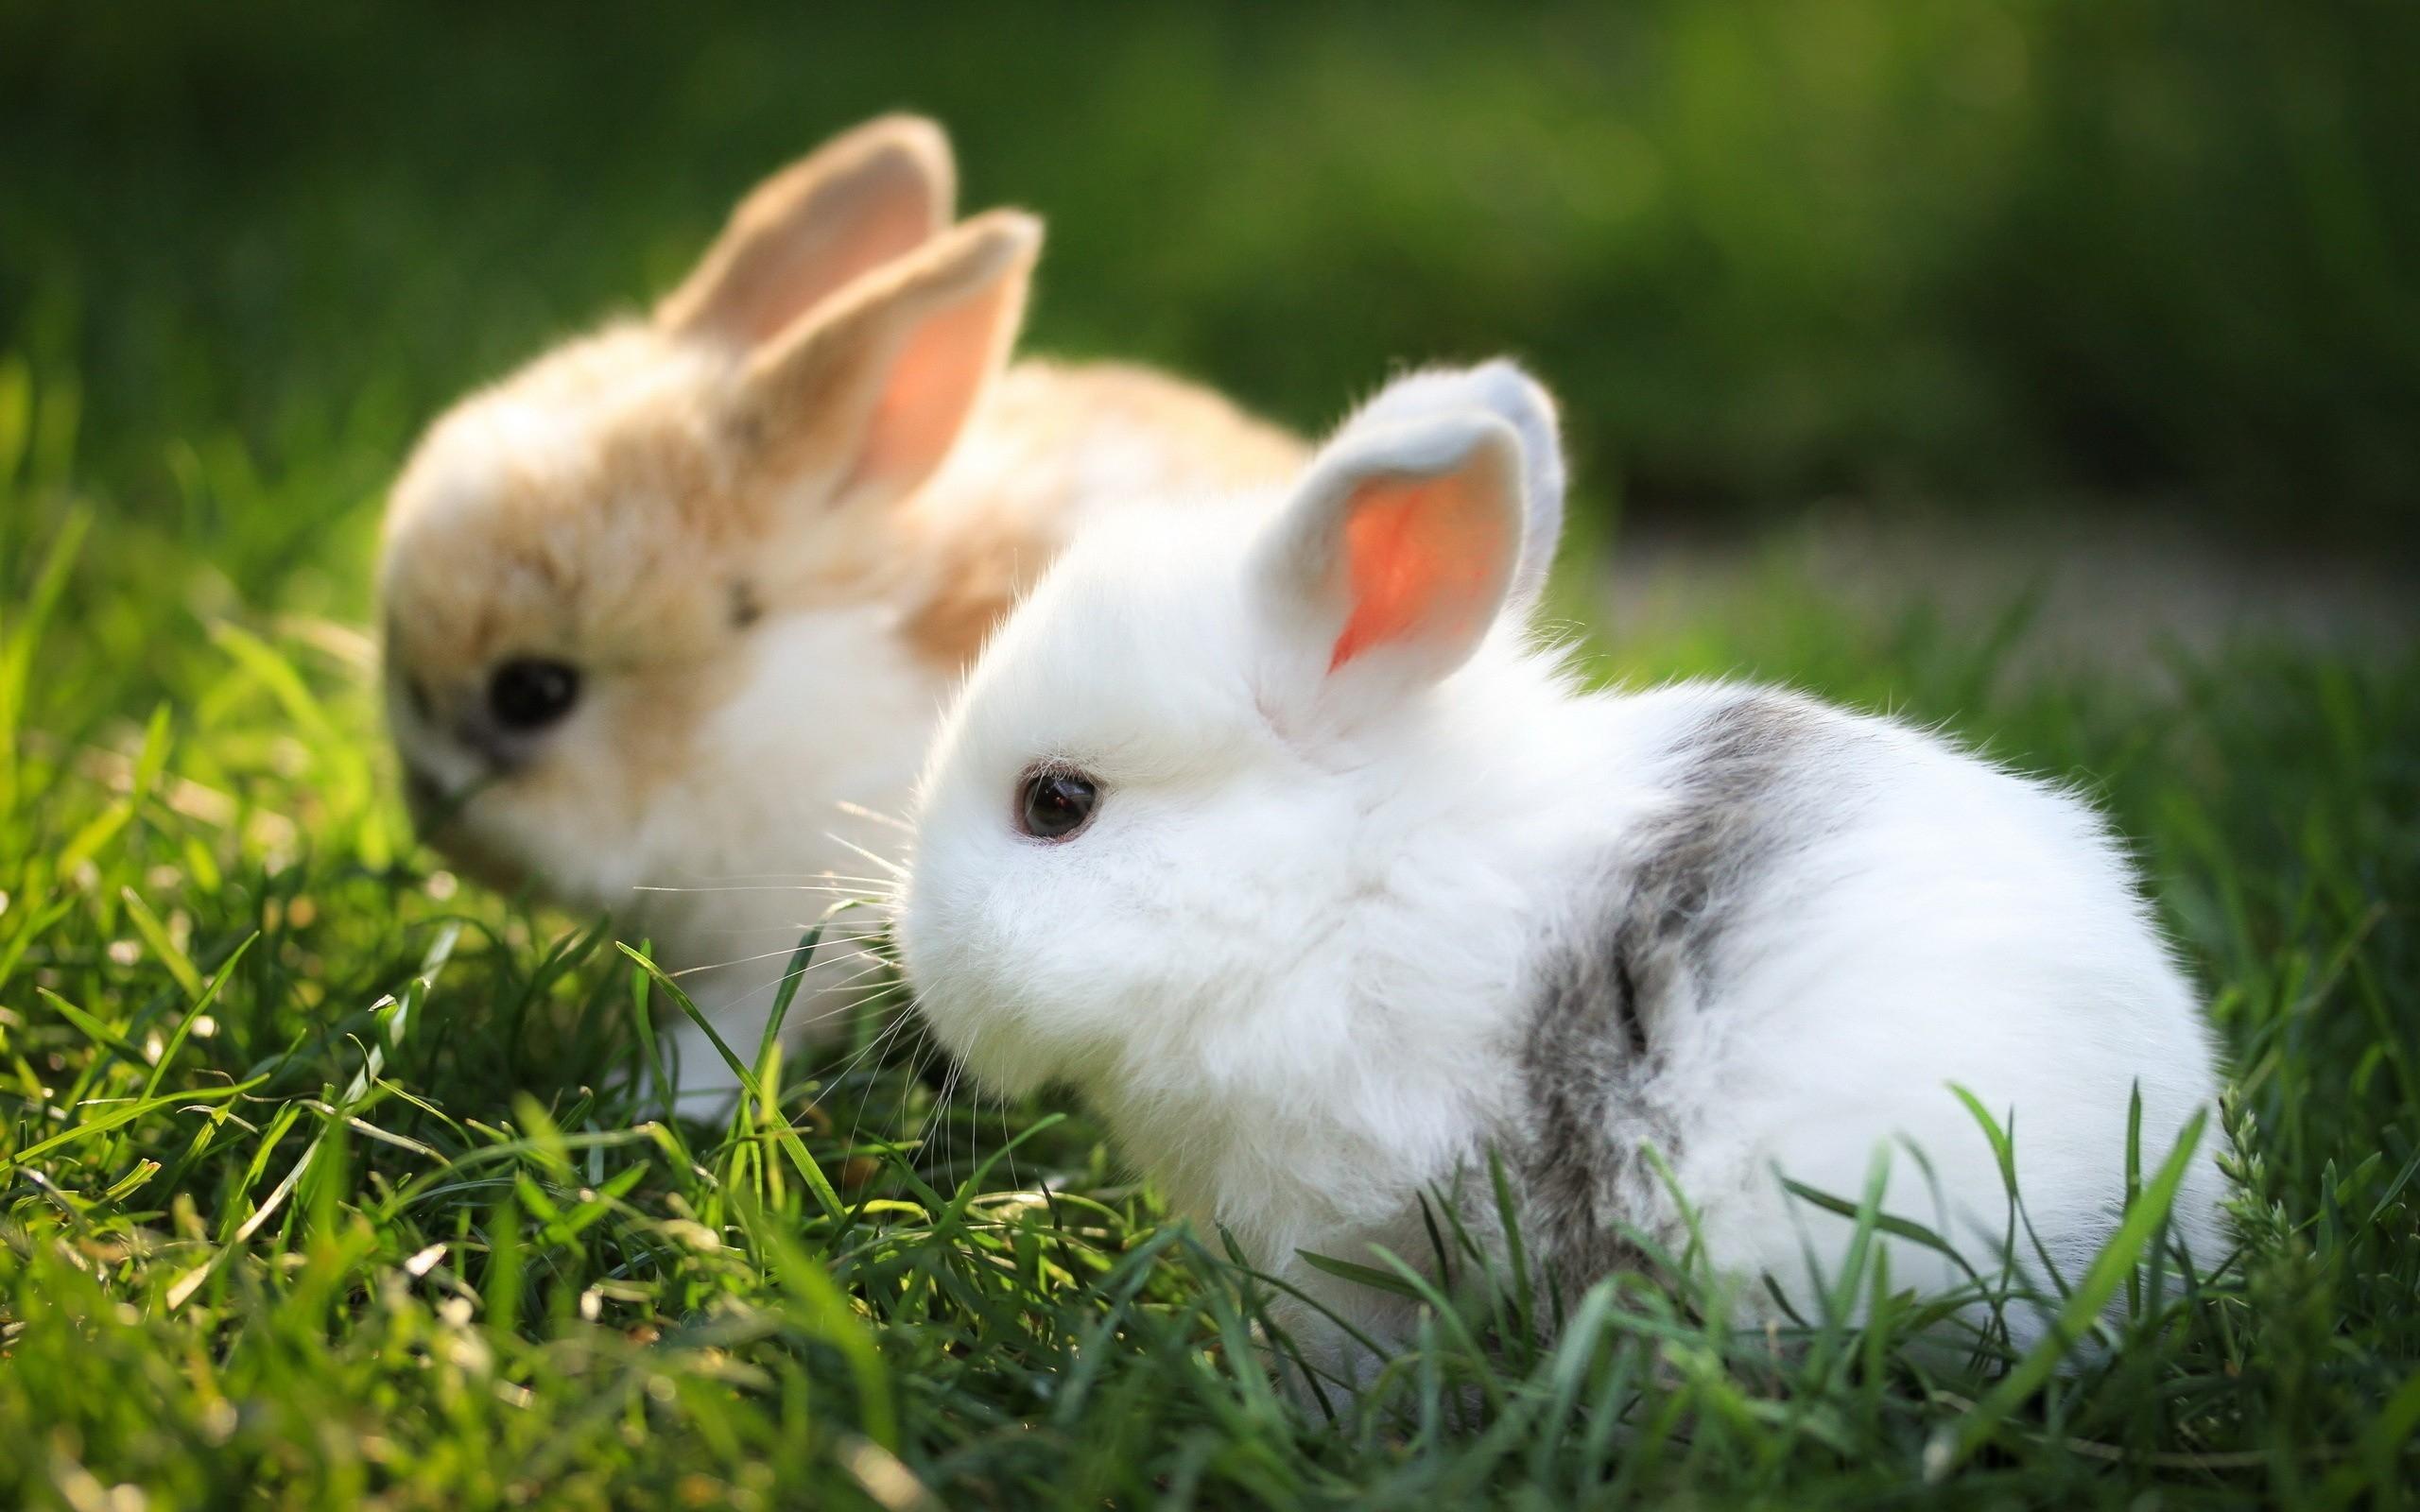 кролик девушка природа животное  № 1594083 загрузить